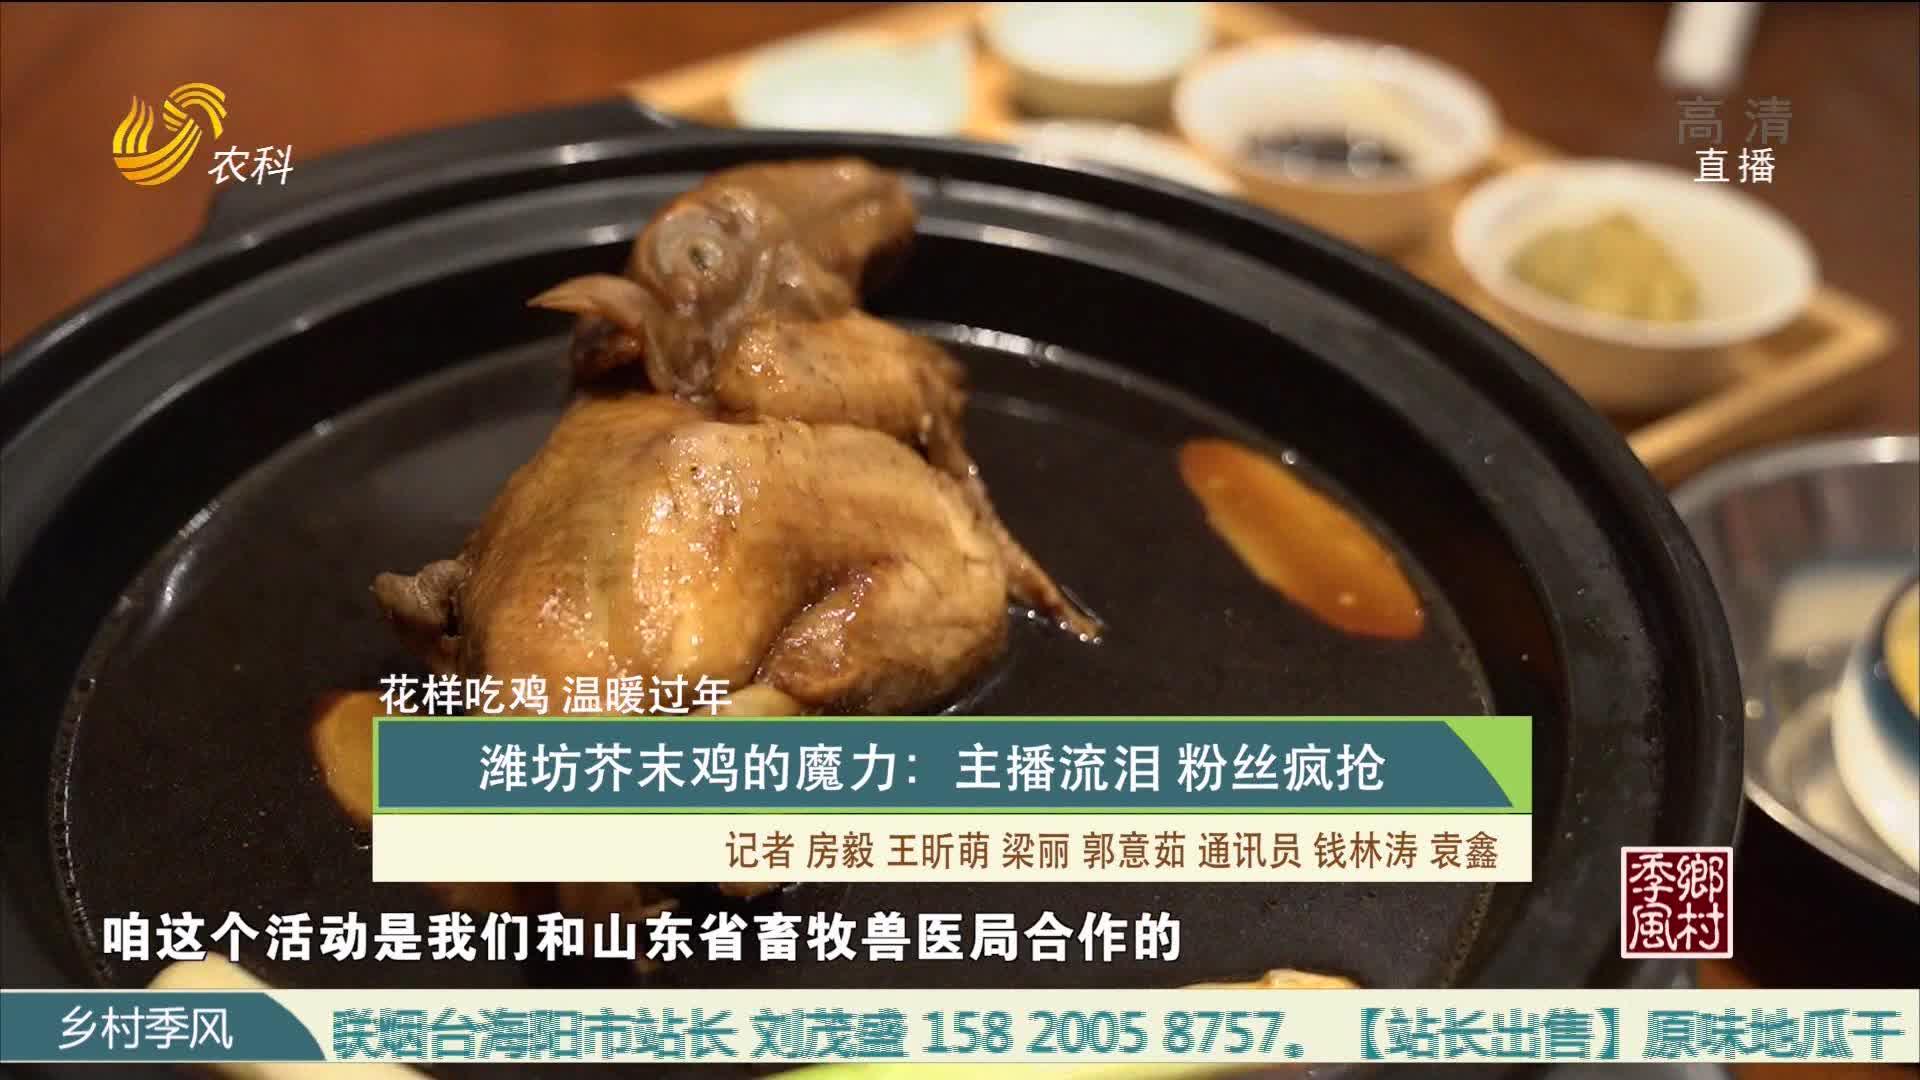 【花样吃鸡 温暖过年】潍坊芥末鸡的魔力:主播流泪 粉丝疯抢